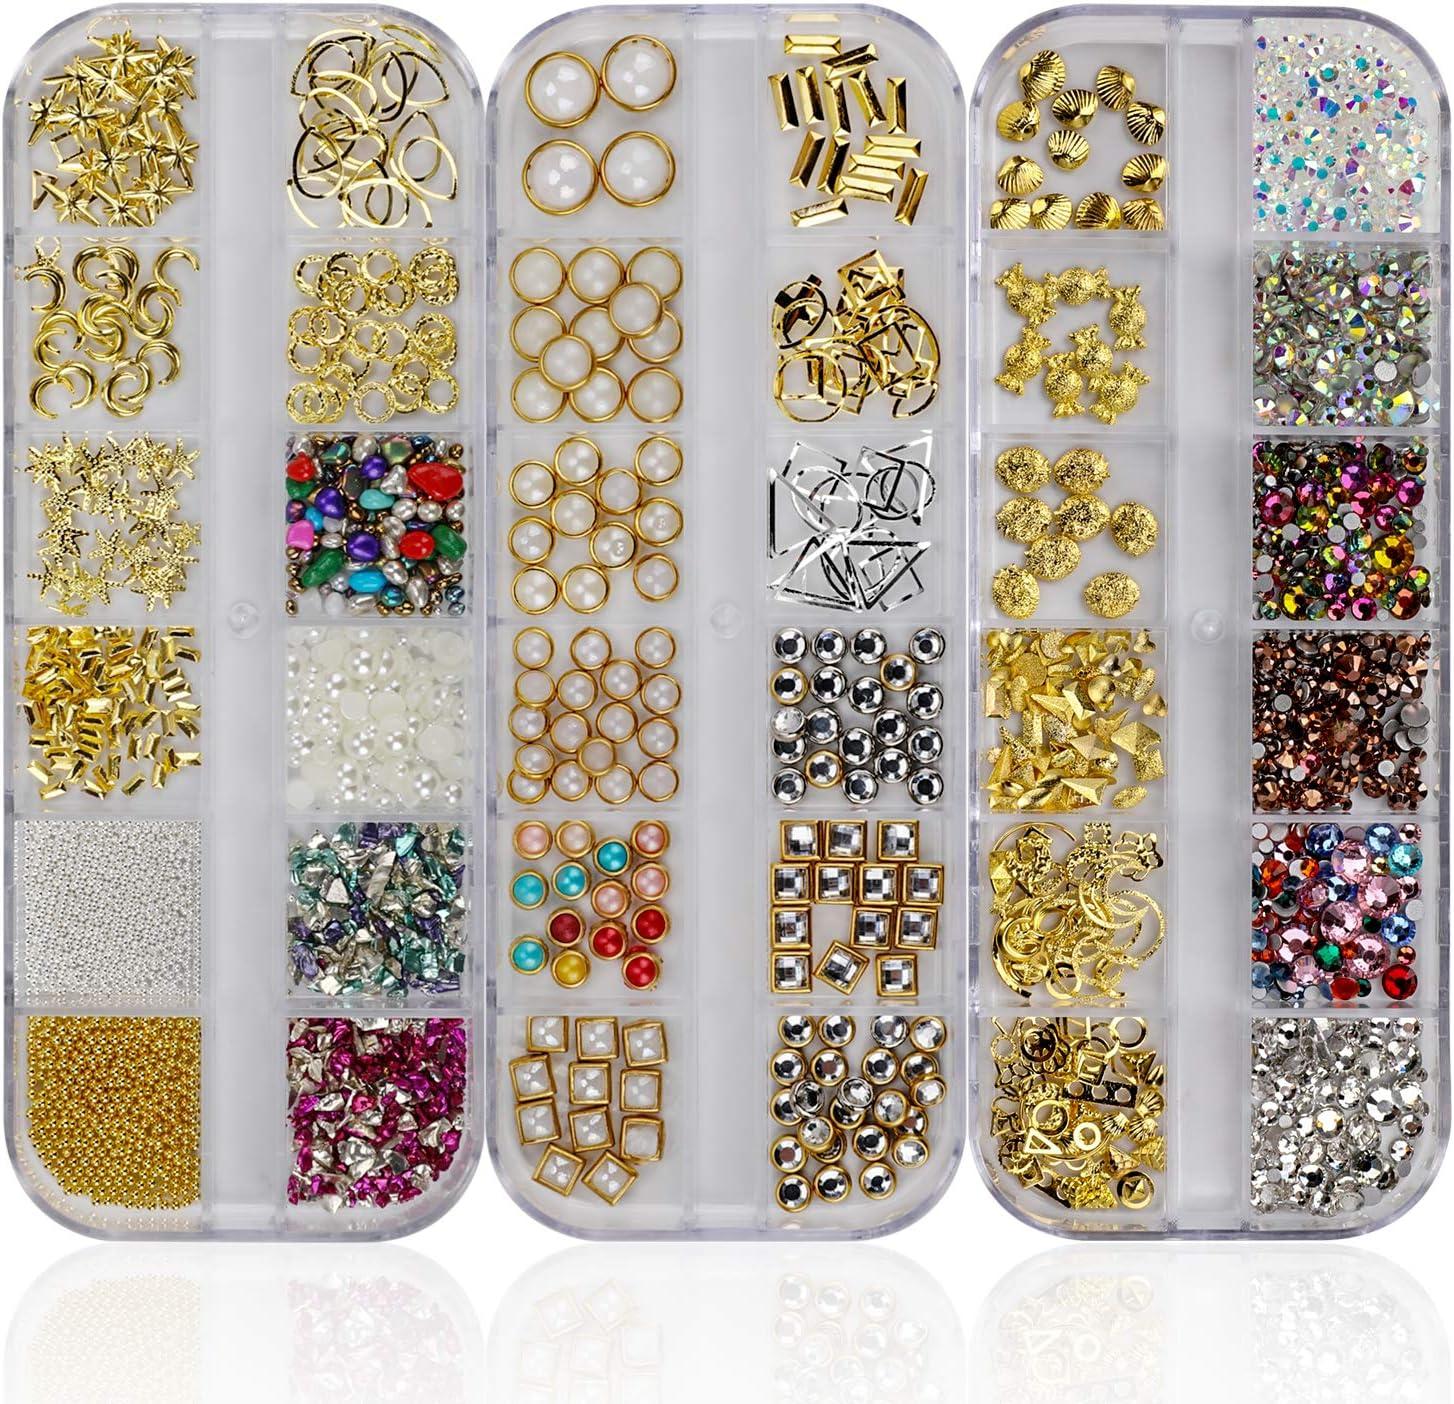 Mwoot Piedras de piedras preciosas de arte de uñas, 3 cajas de diamantes de imitación mixtas (900 piezas) para accesorios de suministros de arte de uñas